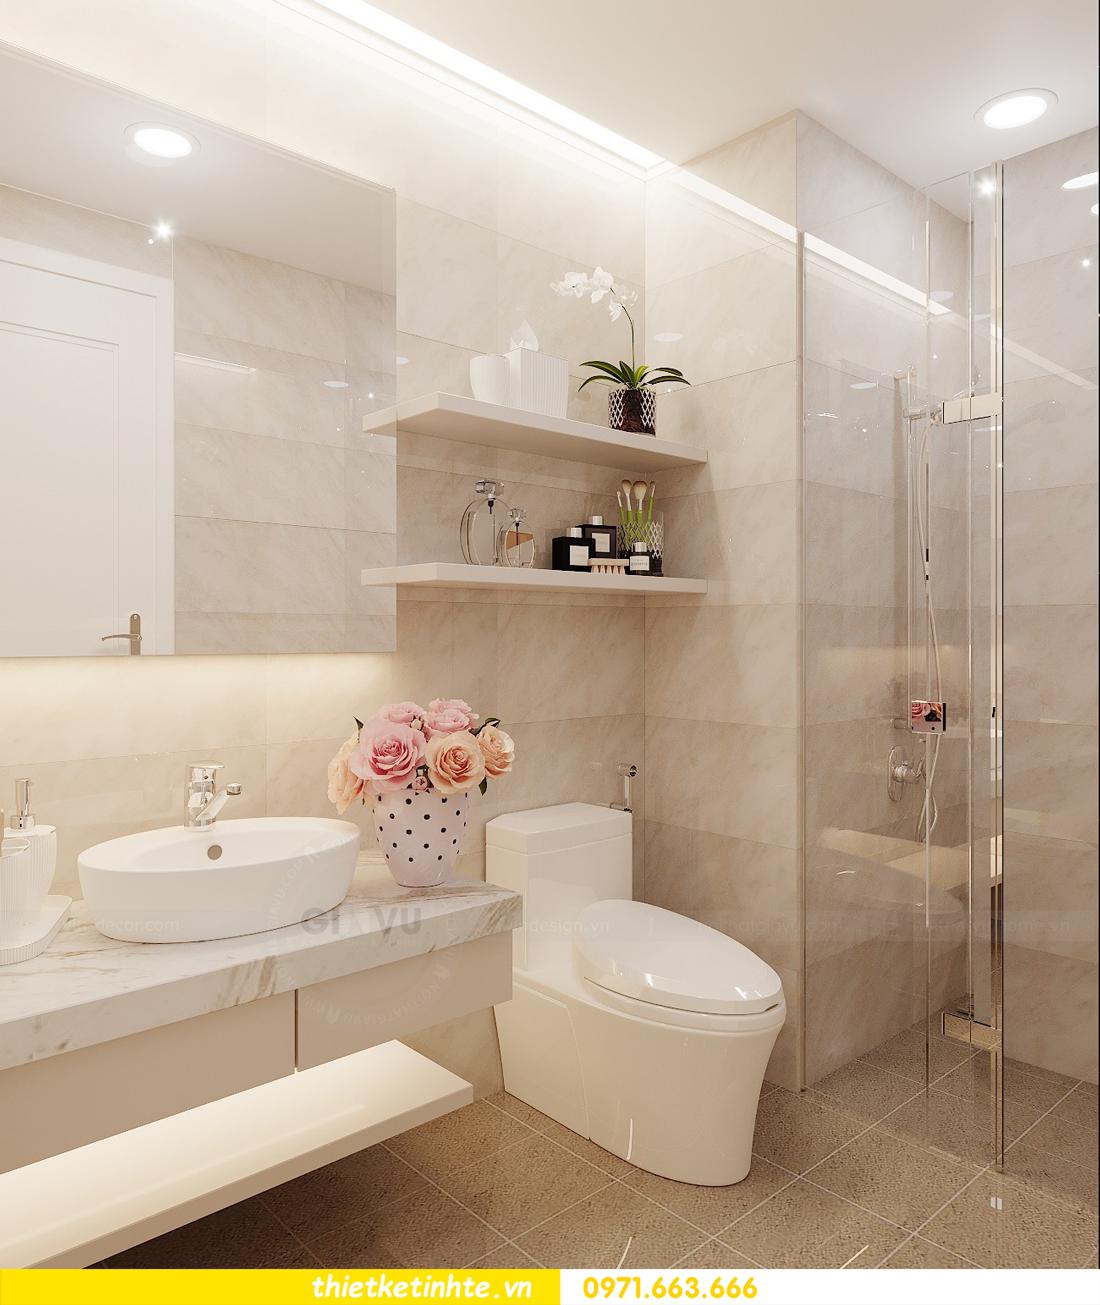 thiết kế nội thất căn hộ chung cư Green Bay G2 căn 10 13